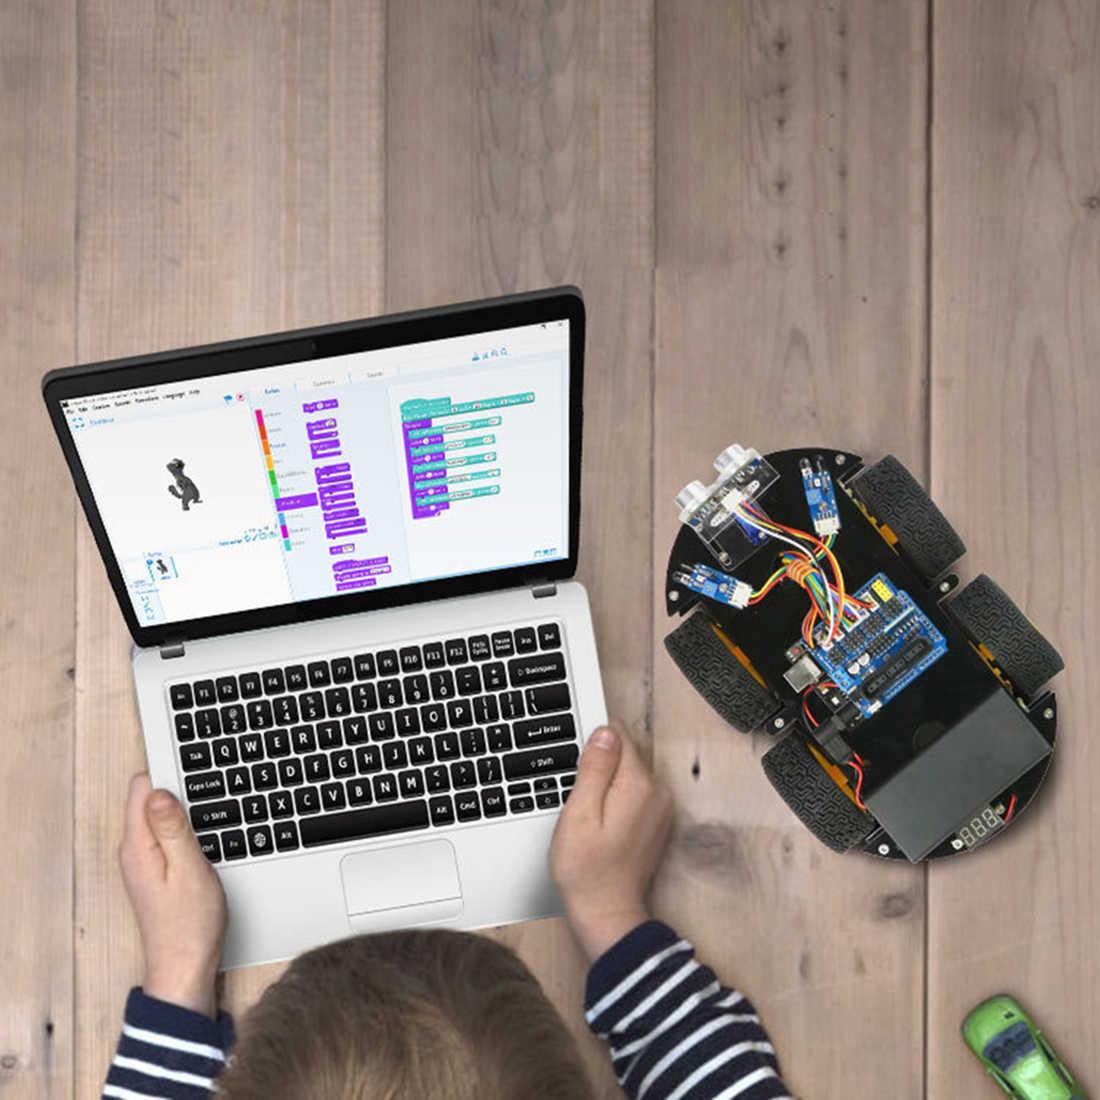 DIY избегание препятствий умный программируемый робот-автомобиль Обучающий набор для BLE UNO интерактивная игра развивающие игрушки подарки